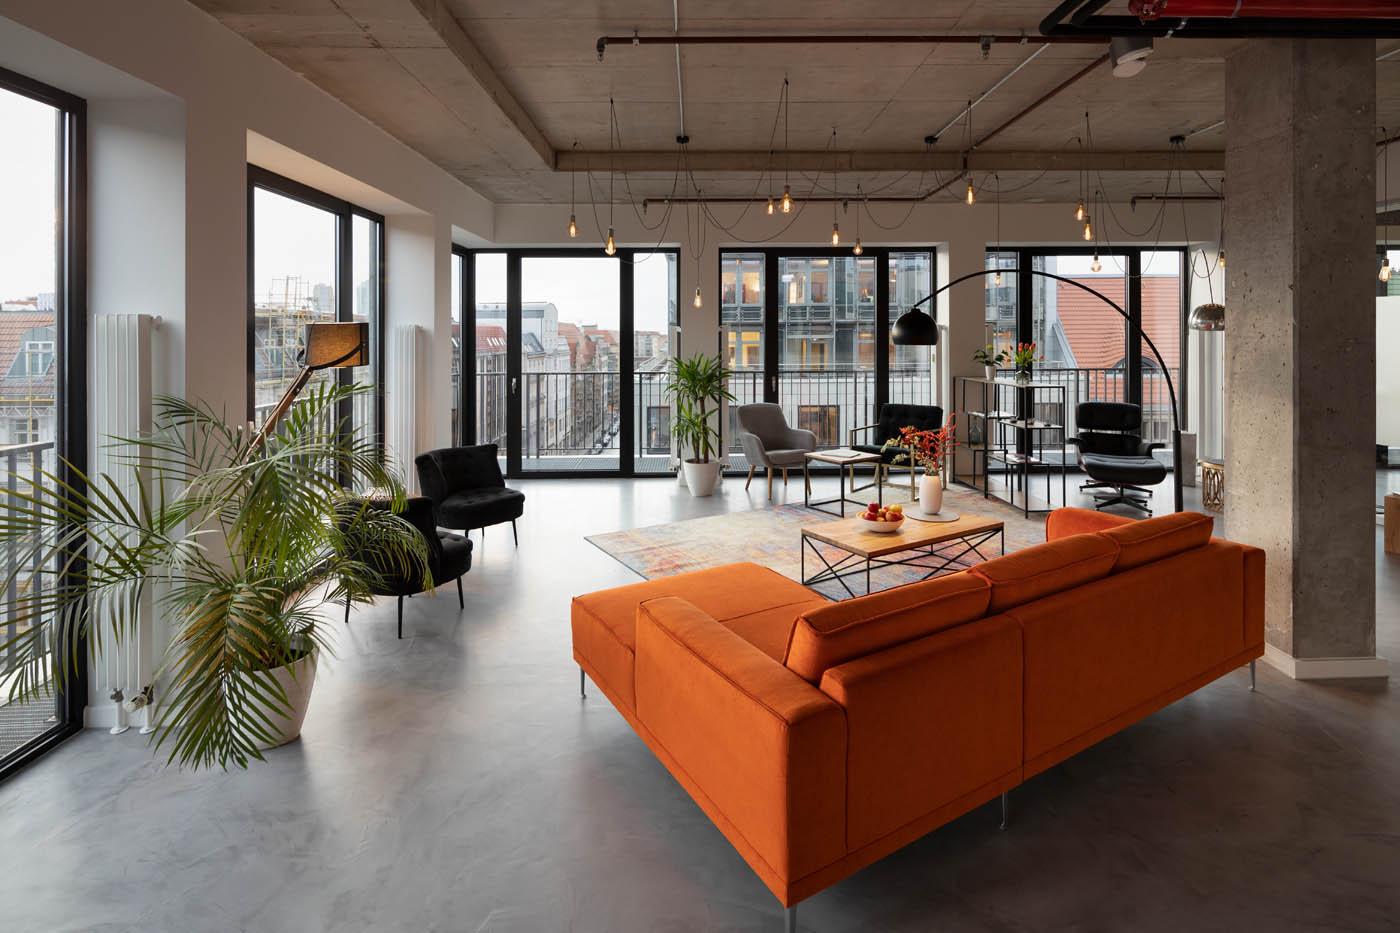 Architekturfotografie Interieurfotografie Interior Design Studio Funk Berlin